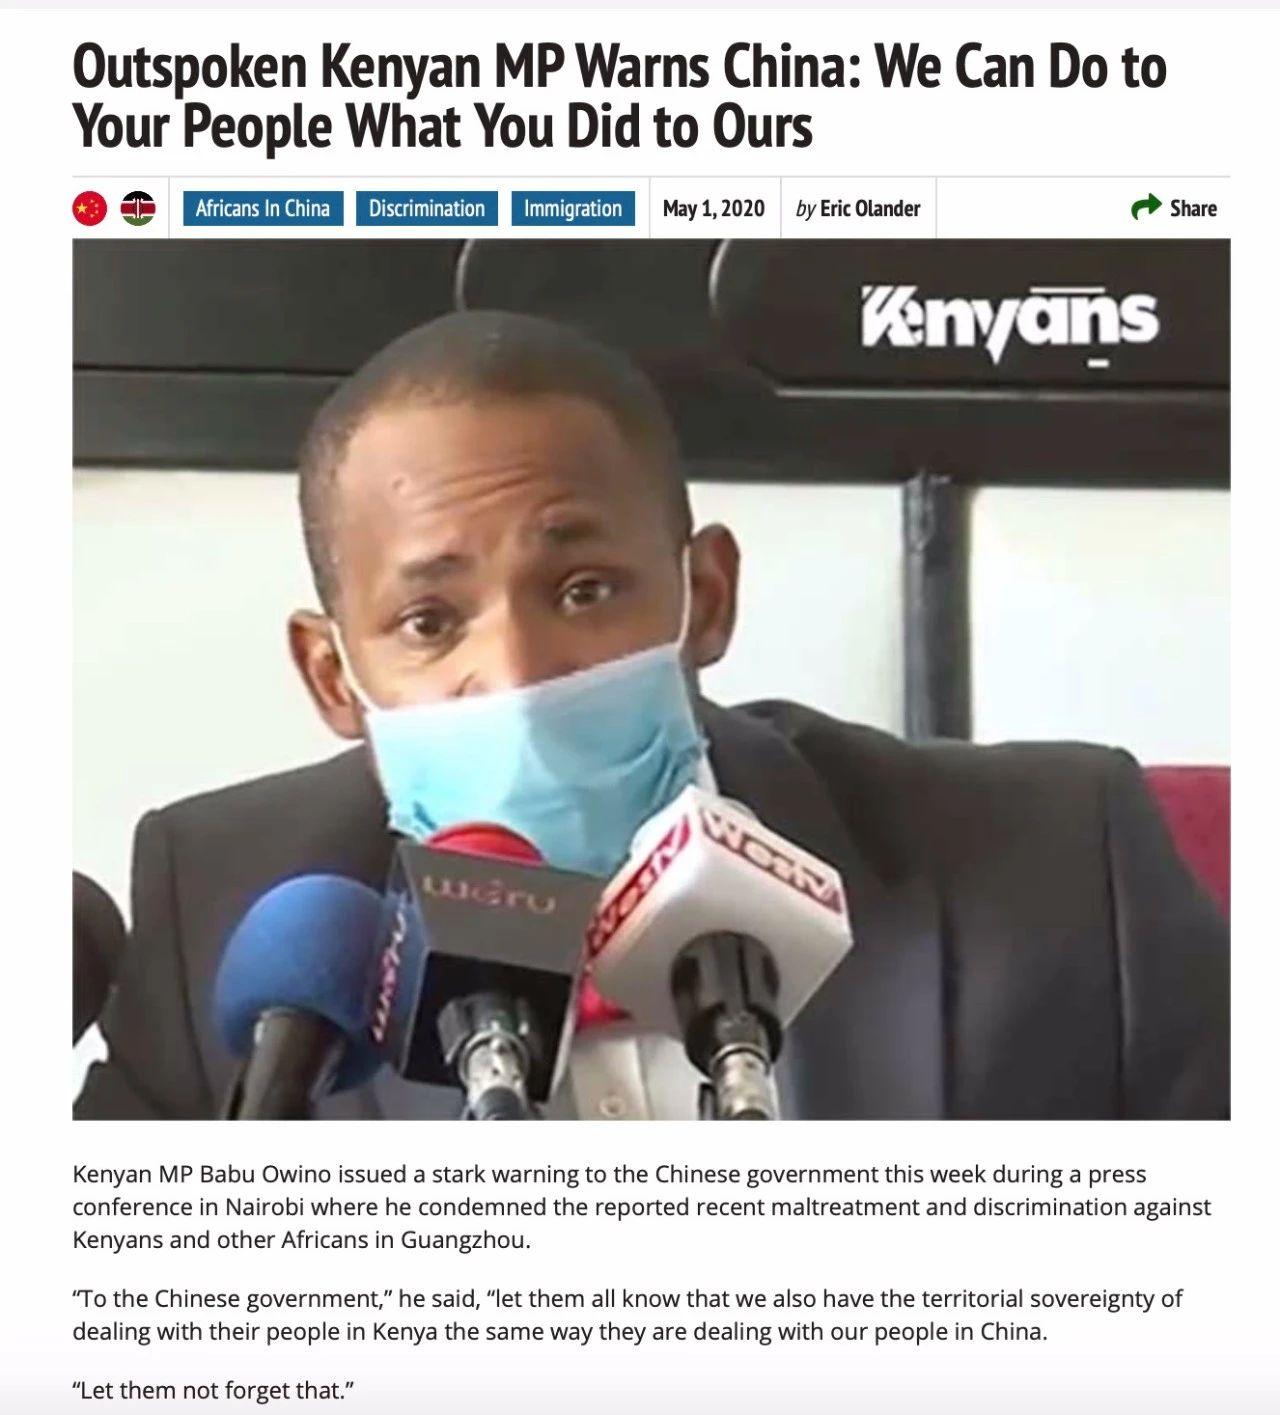 因為反對歧視非裔/非洲人,我們被網暴了